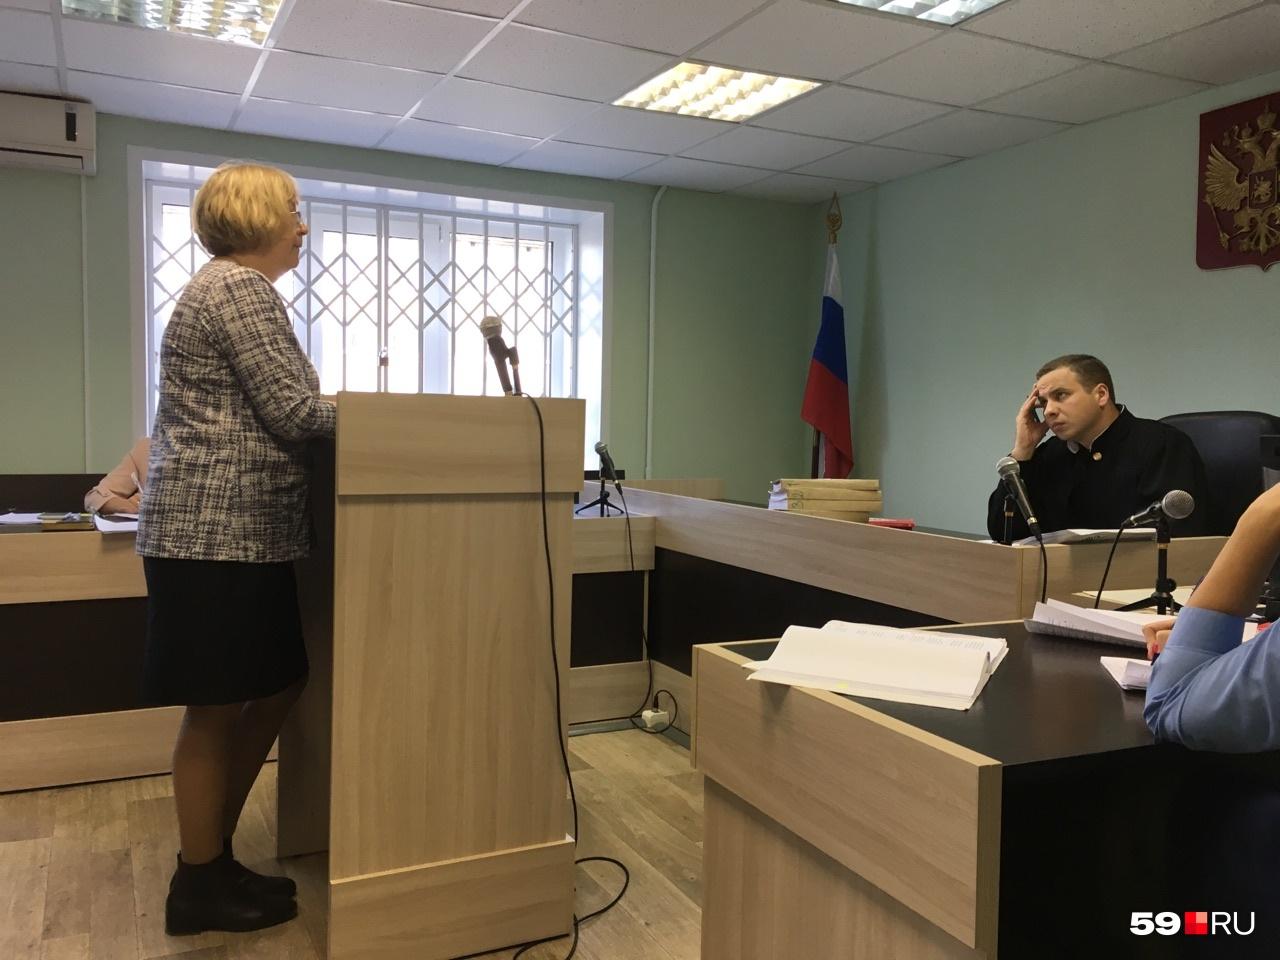 Чиновница из Минсоцразвития сообщила, что семья ребенка была малоимущей